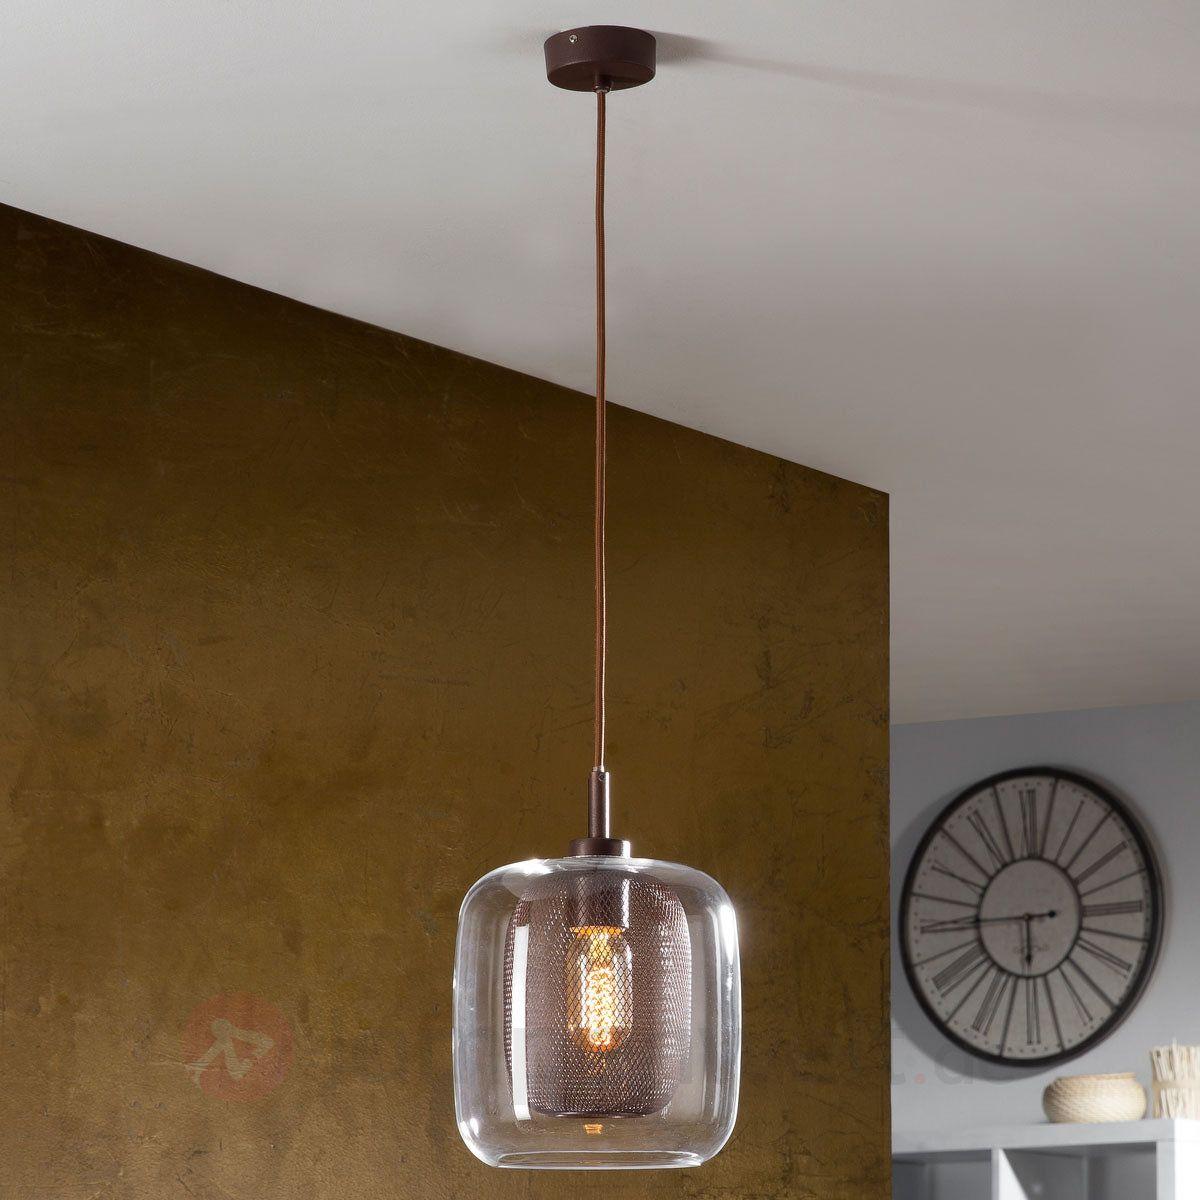 Ziemlich Klarglas Pendelleuchten Für Kücheninsel Bilder - Ideen Für ...